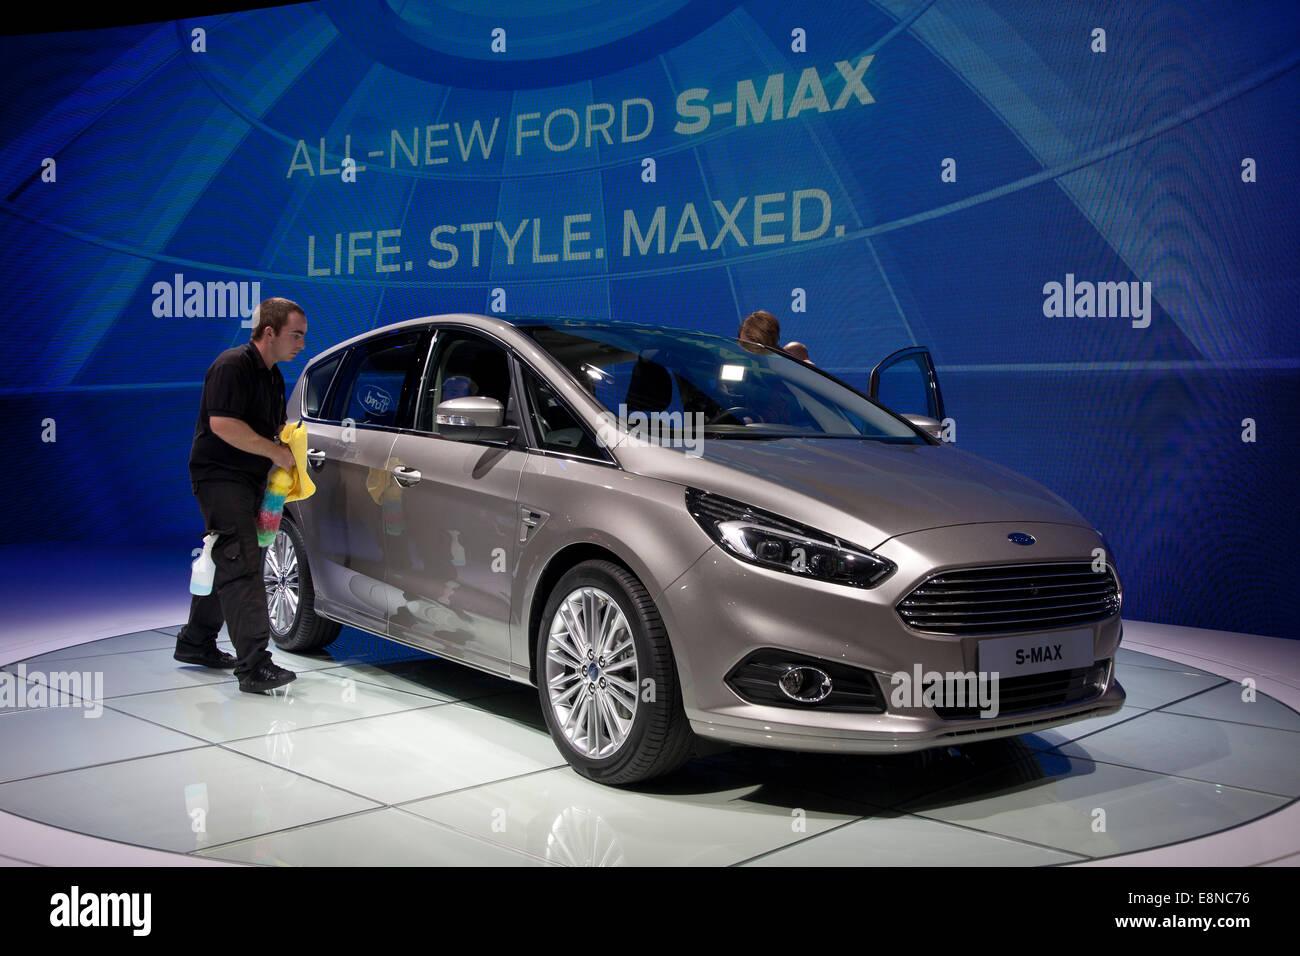 Ford S-Max Paris Motor Show Mondial de l'Automobile 2014 - Stock Image